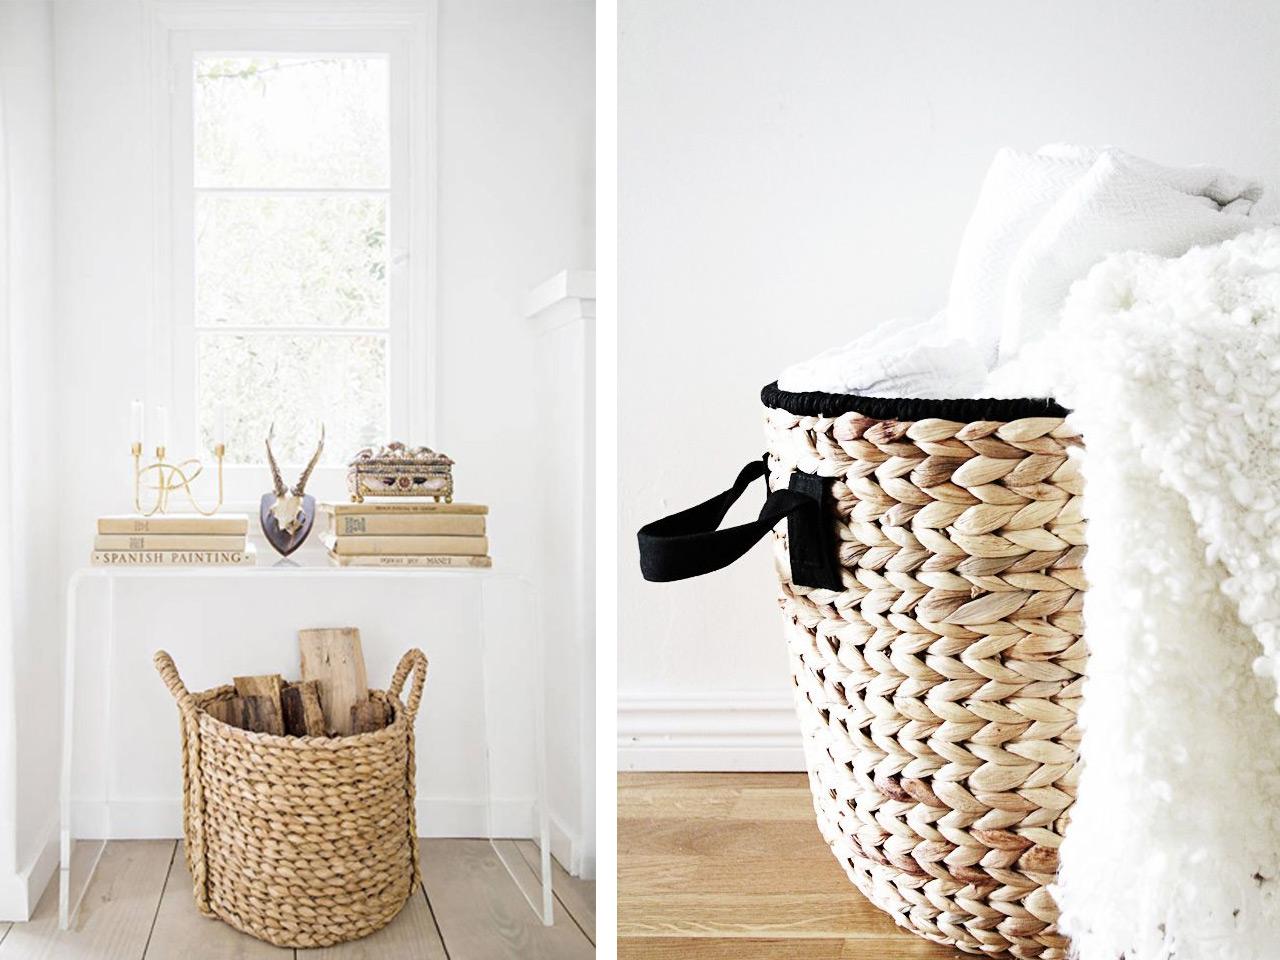 Todo vuelve decoraci m con cestas de mimbre y muebles de - Cestos de minbre ...